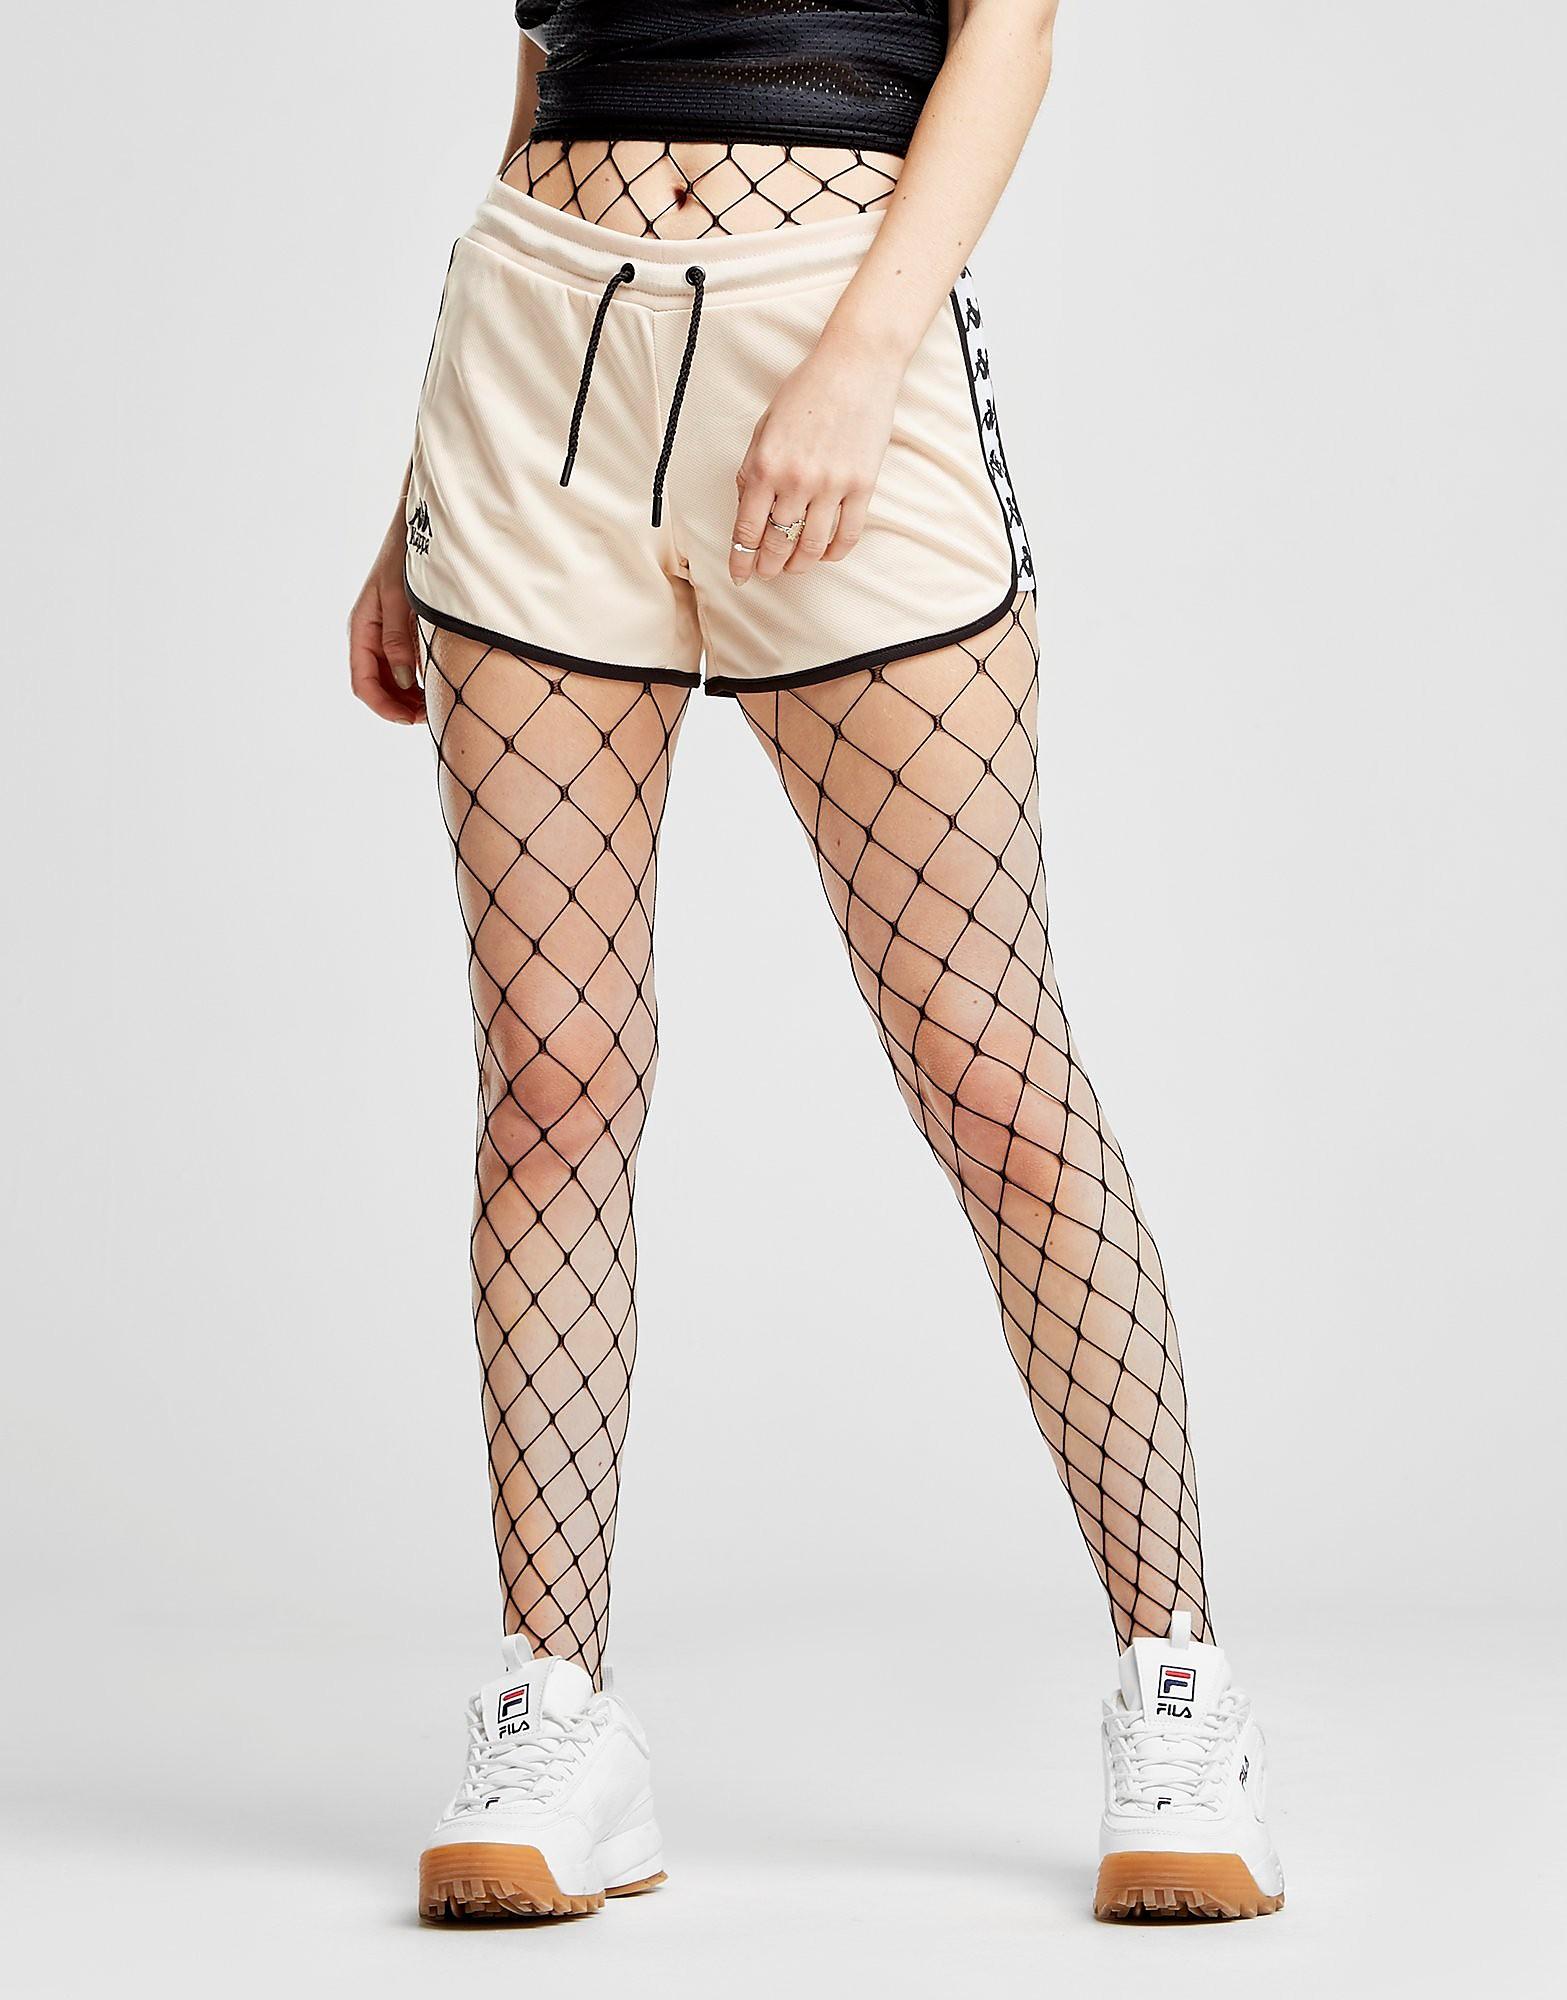 Kappa shorts Anguy